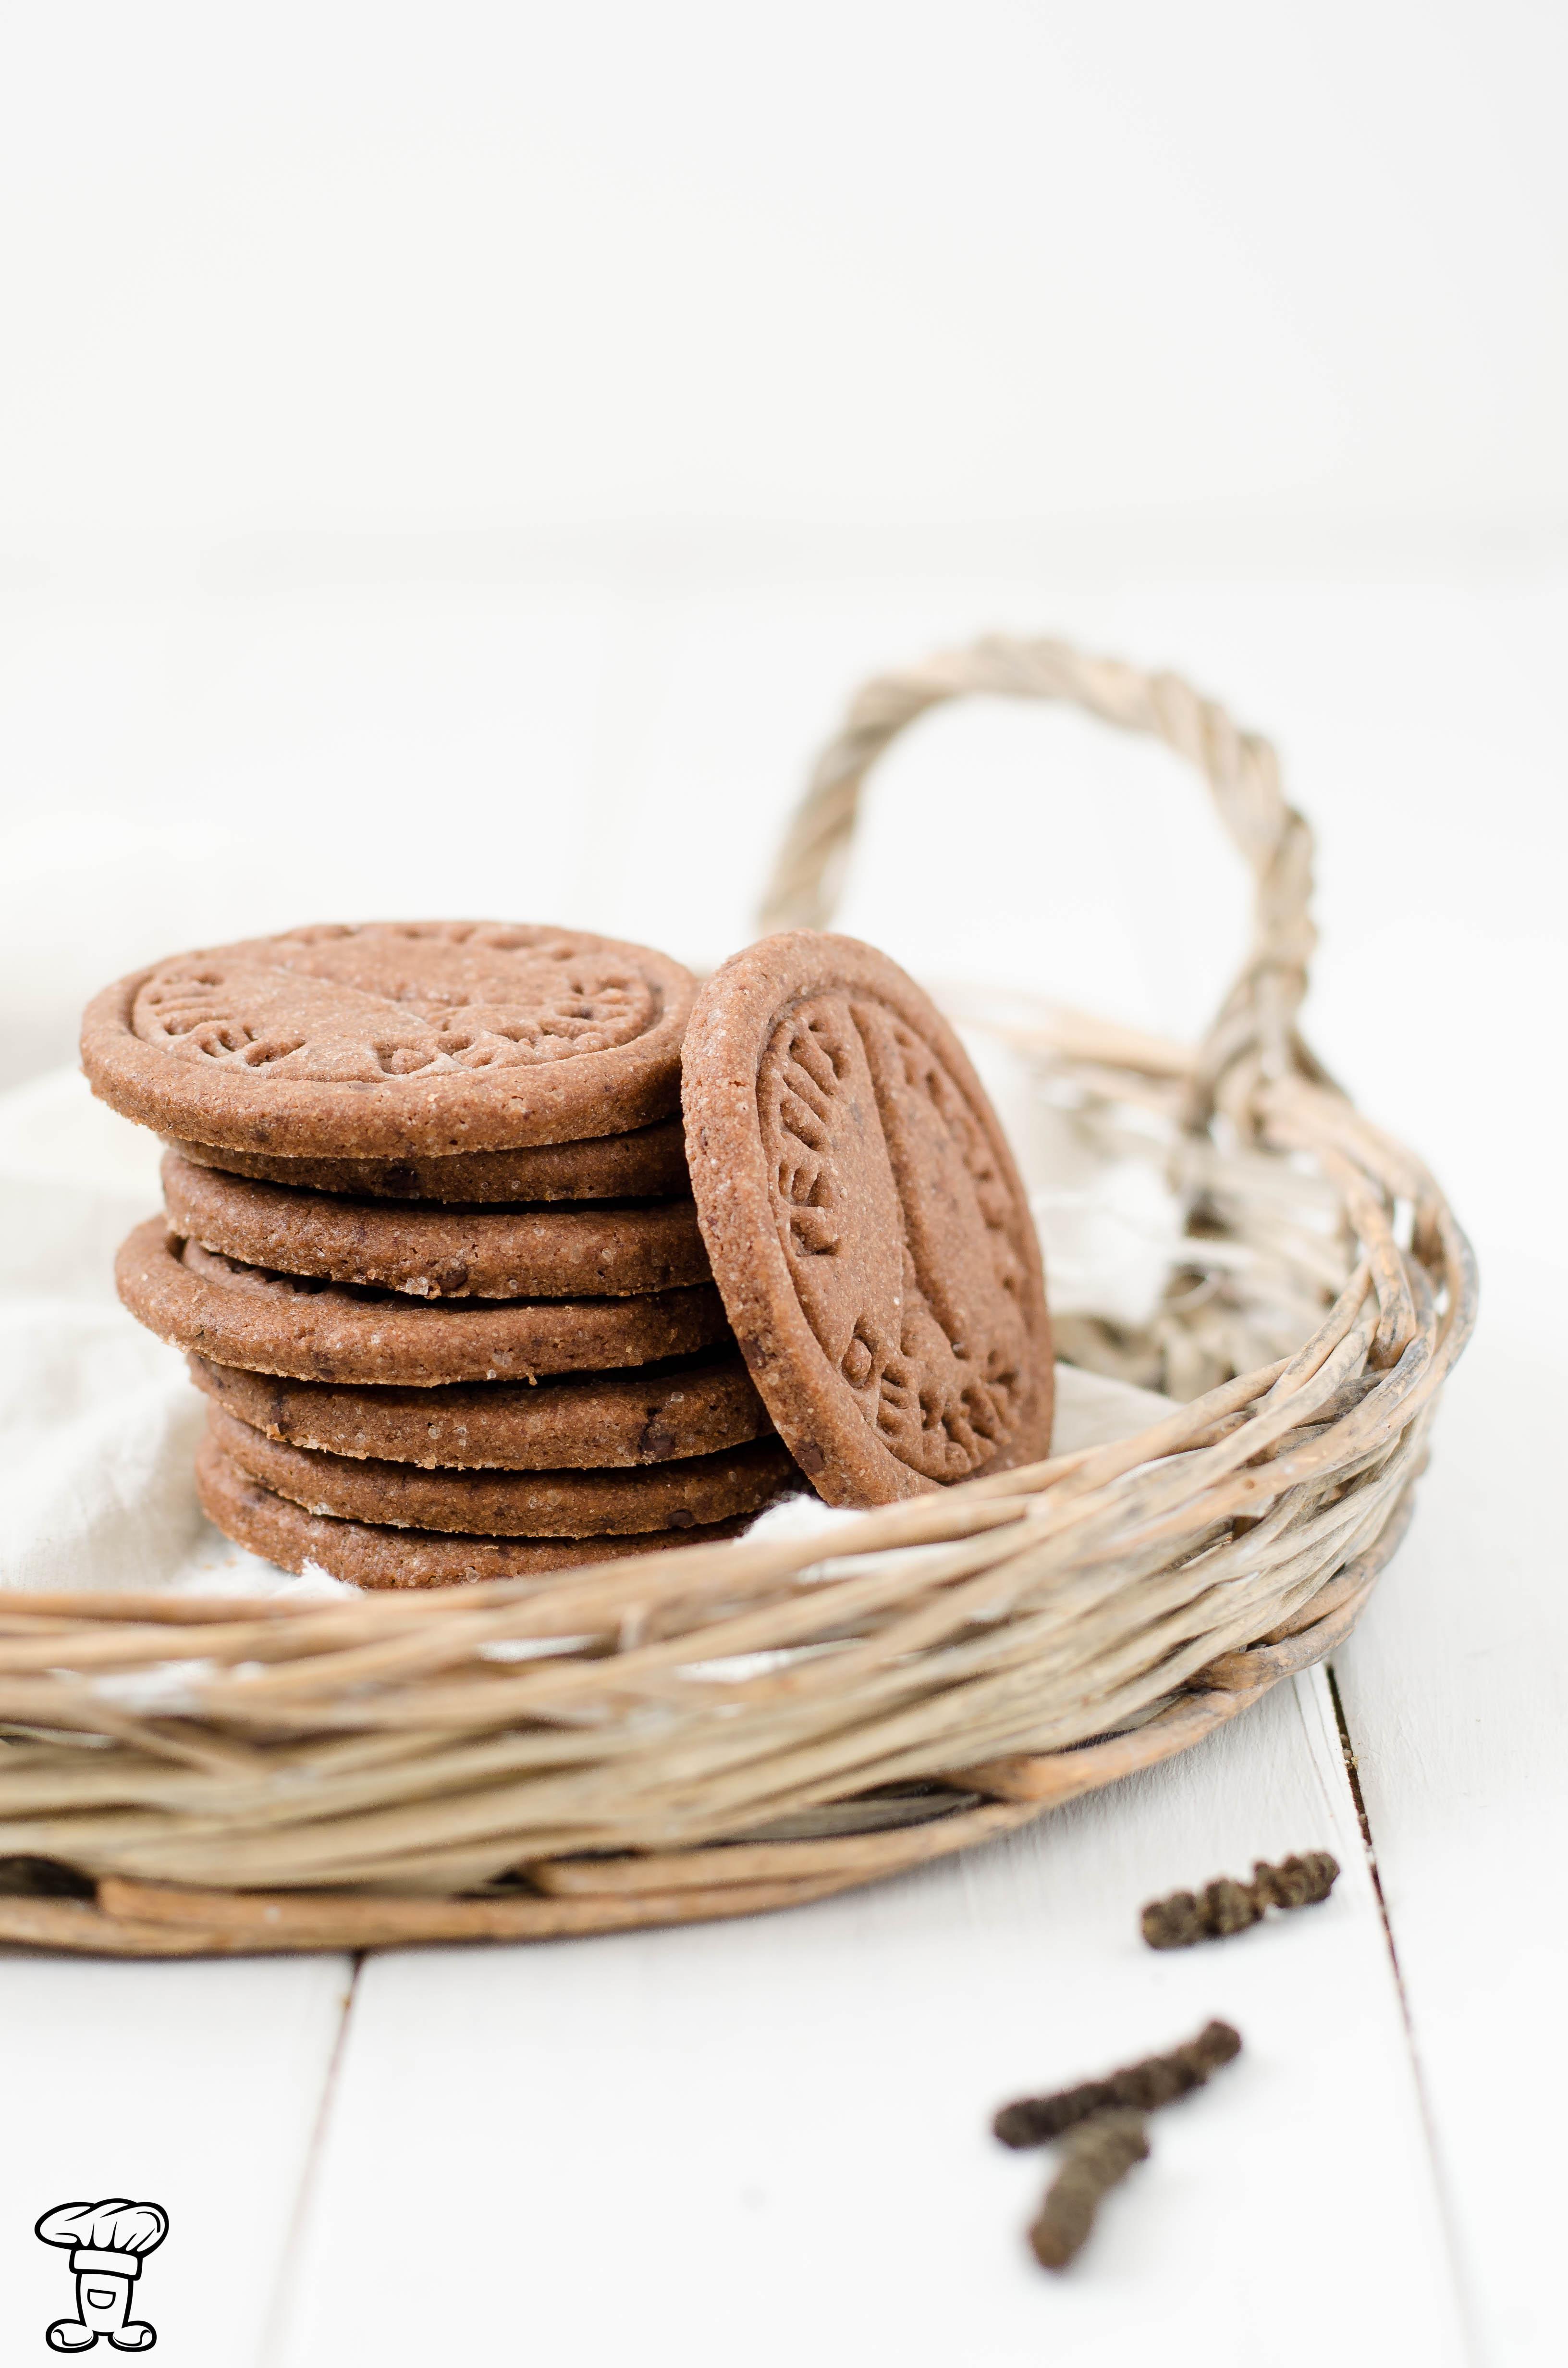 Biscotti-cacao-pepe-lemon-curcuma2 Biscotti al cacao e pepe ripieni di lemon curd alla curcuma